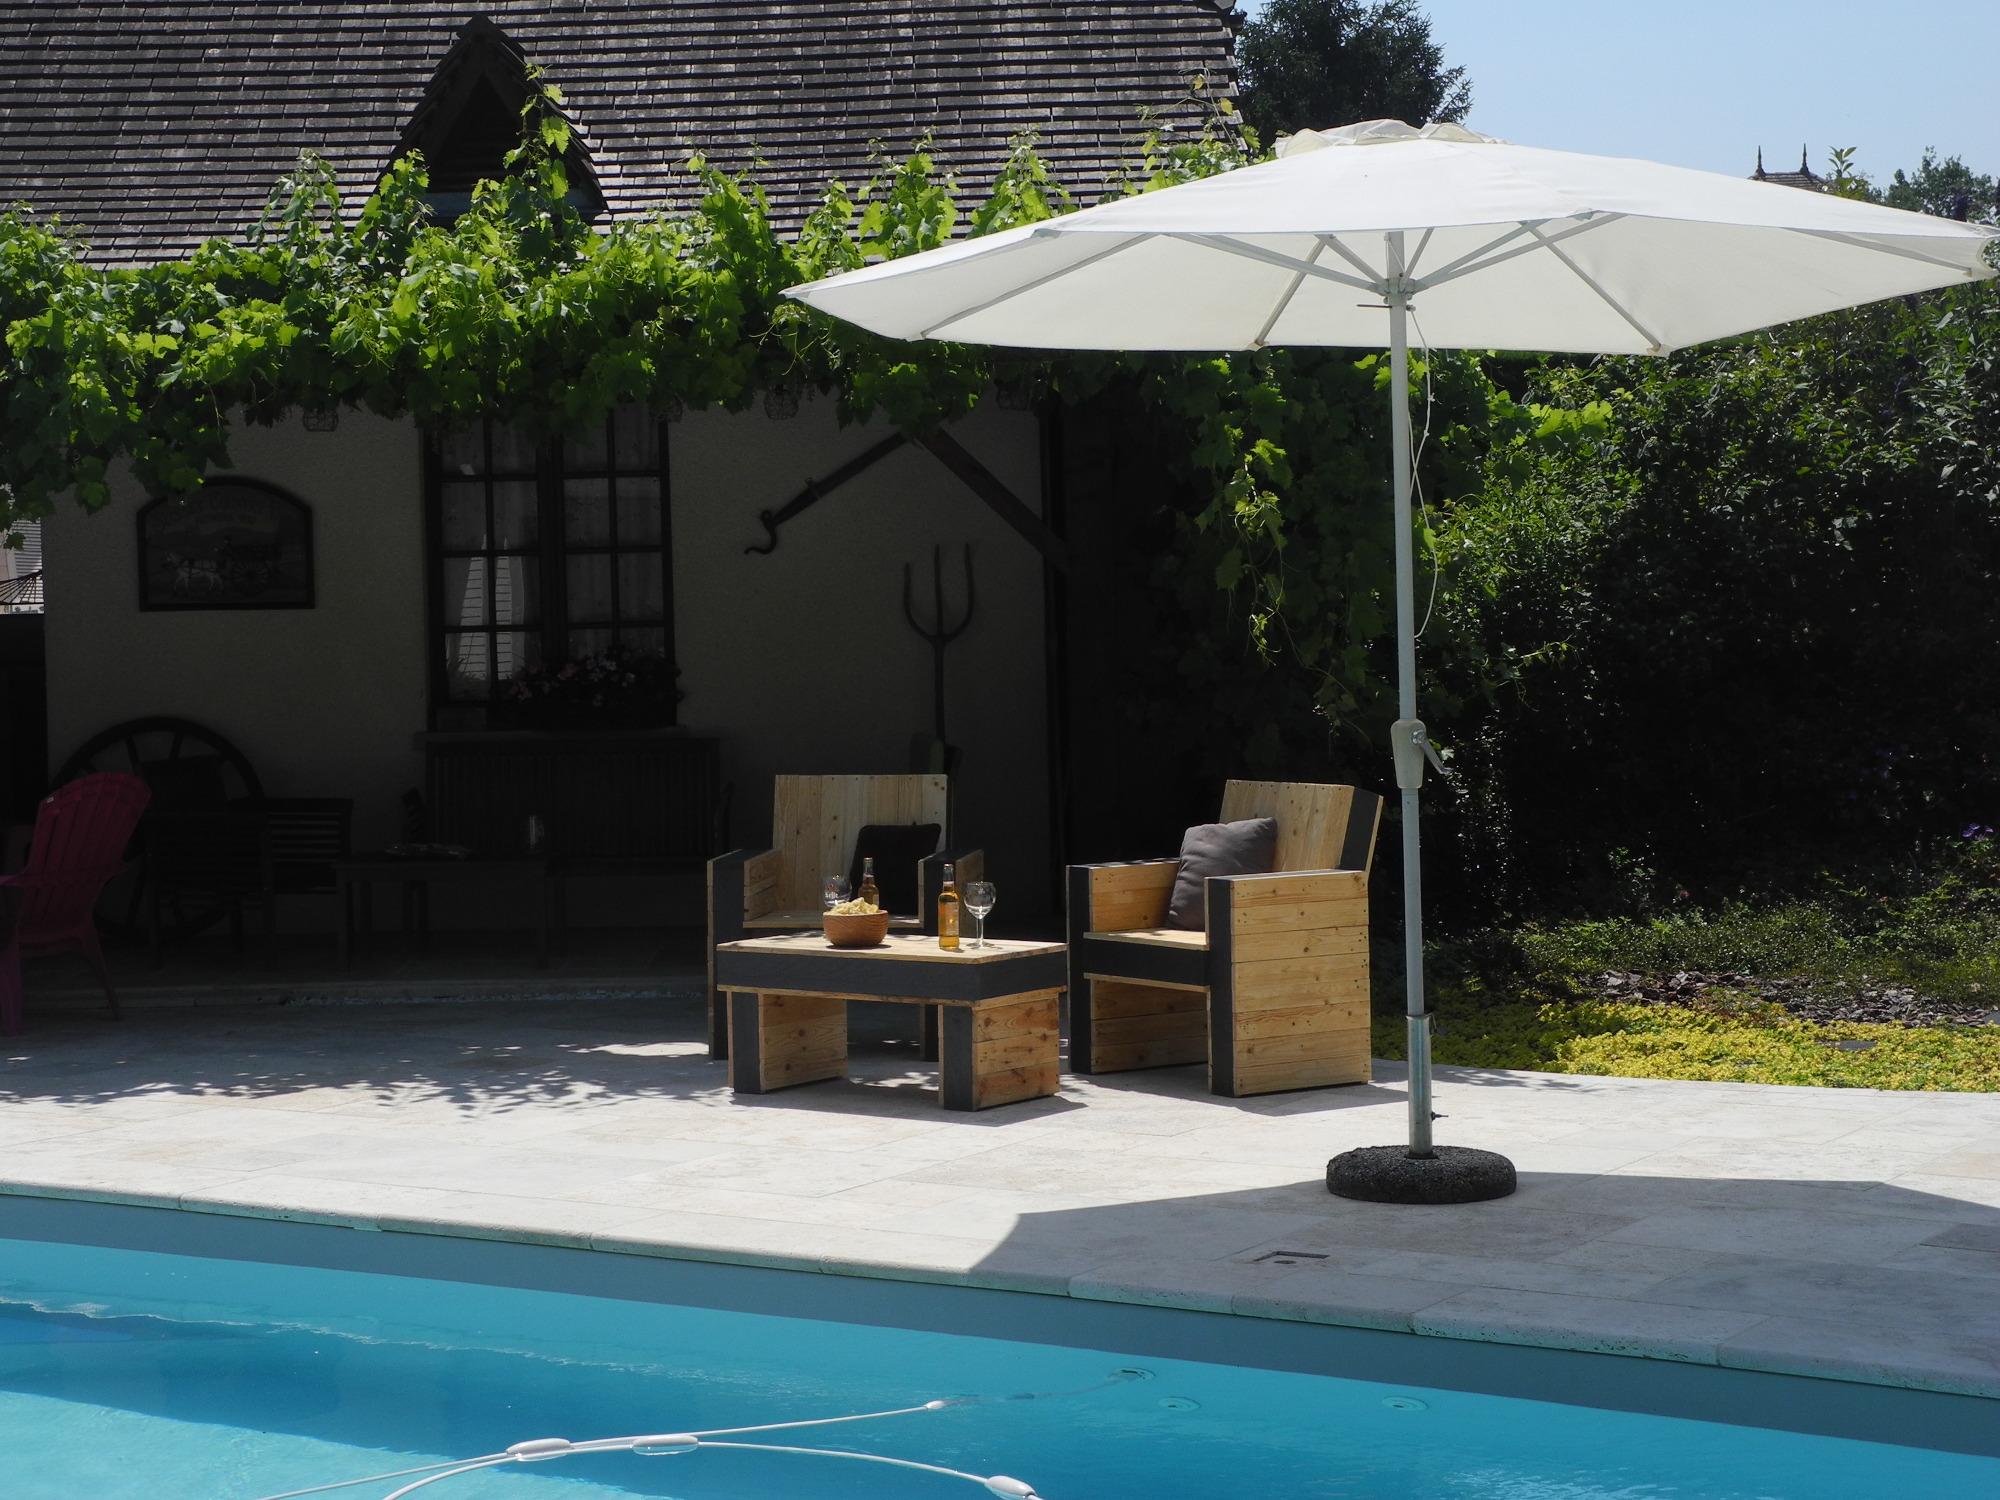 Salon Palette Artisanat au bord piscine